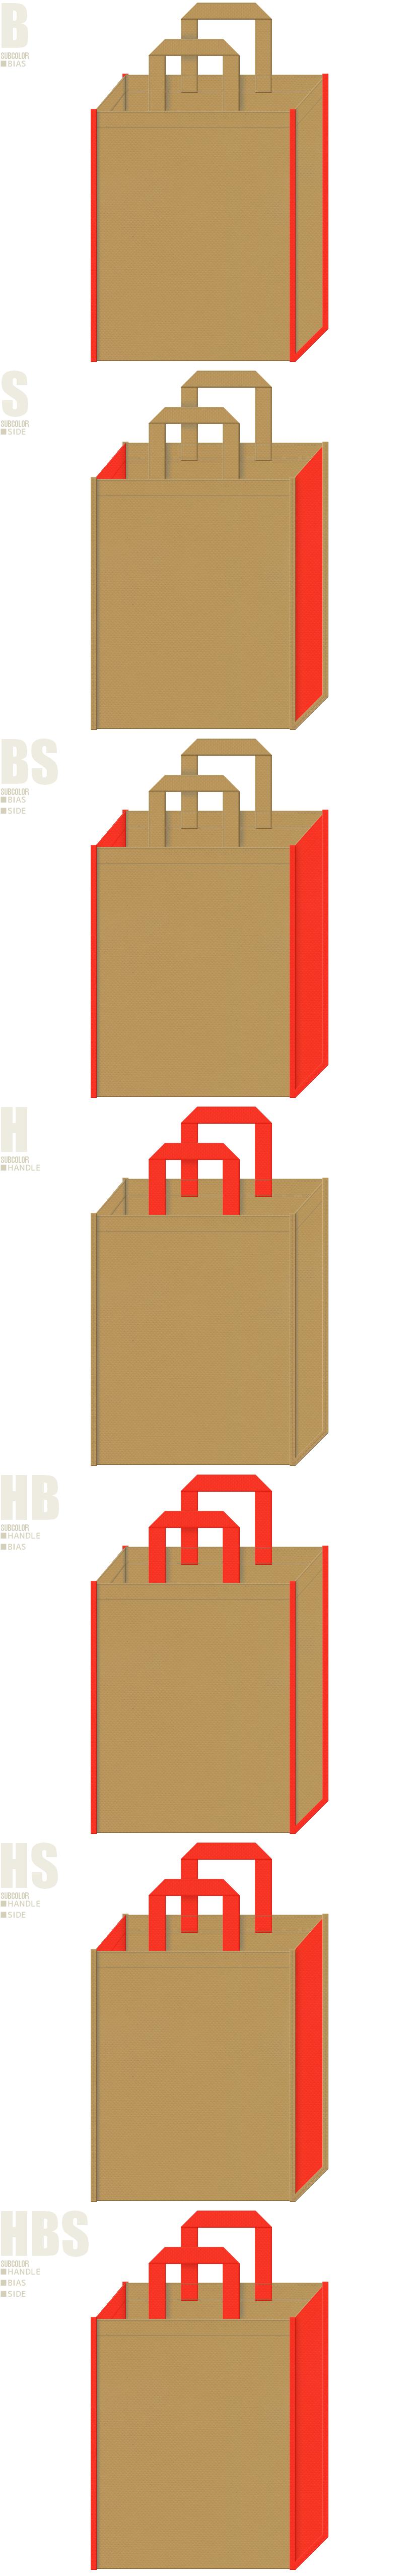 不織布バッグのデザイン:金黄土色とオレンジ色の配色7パターン